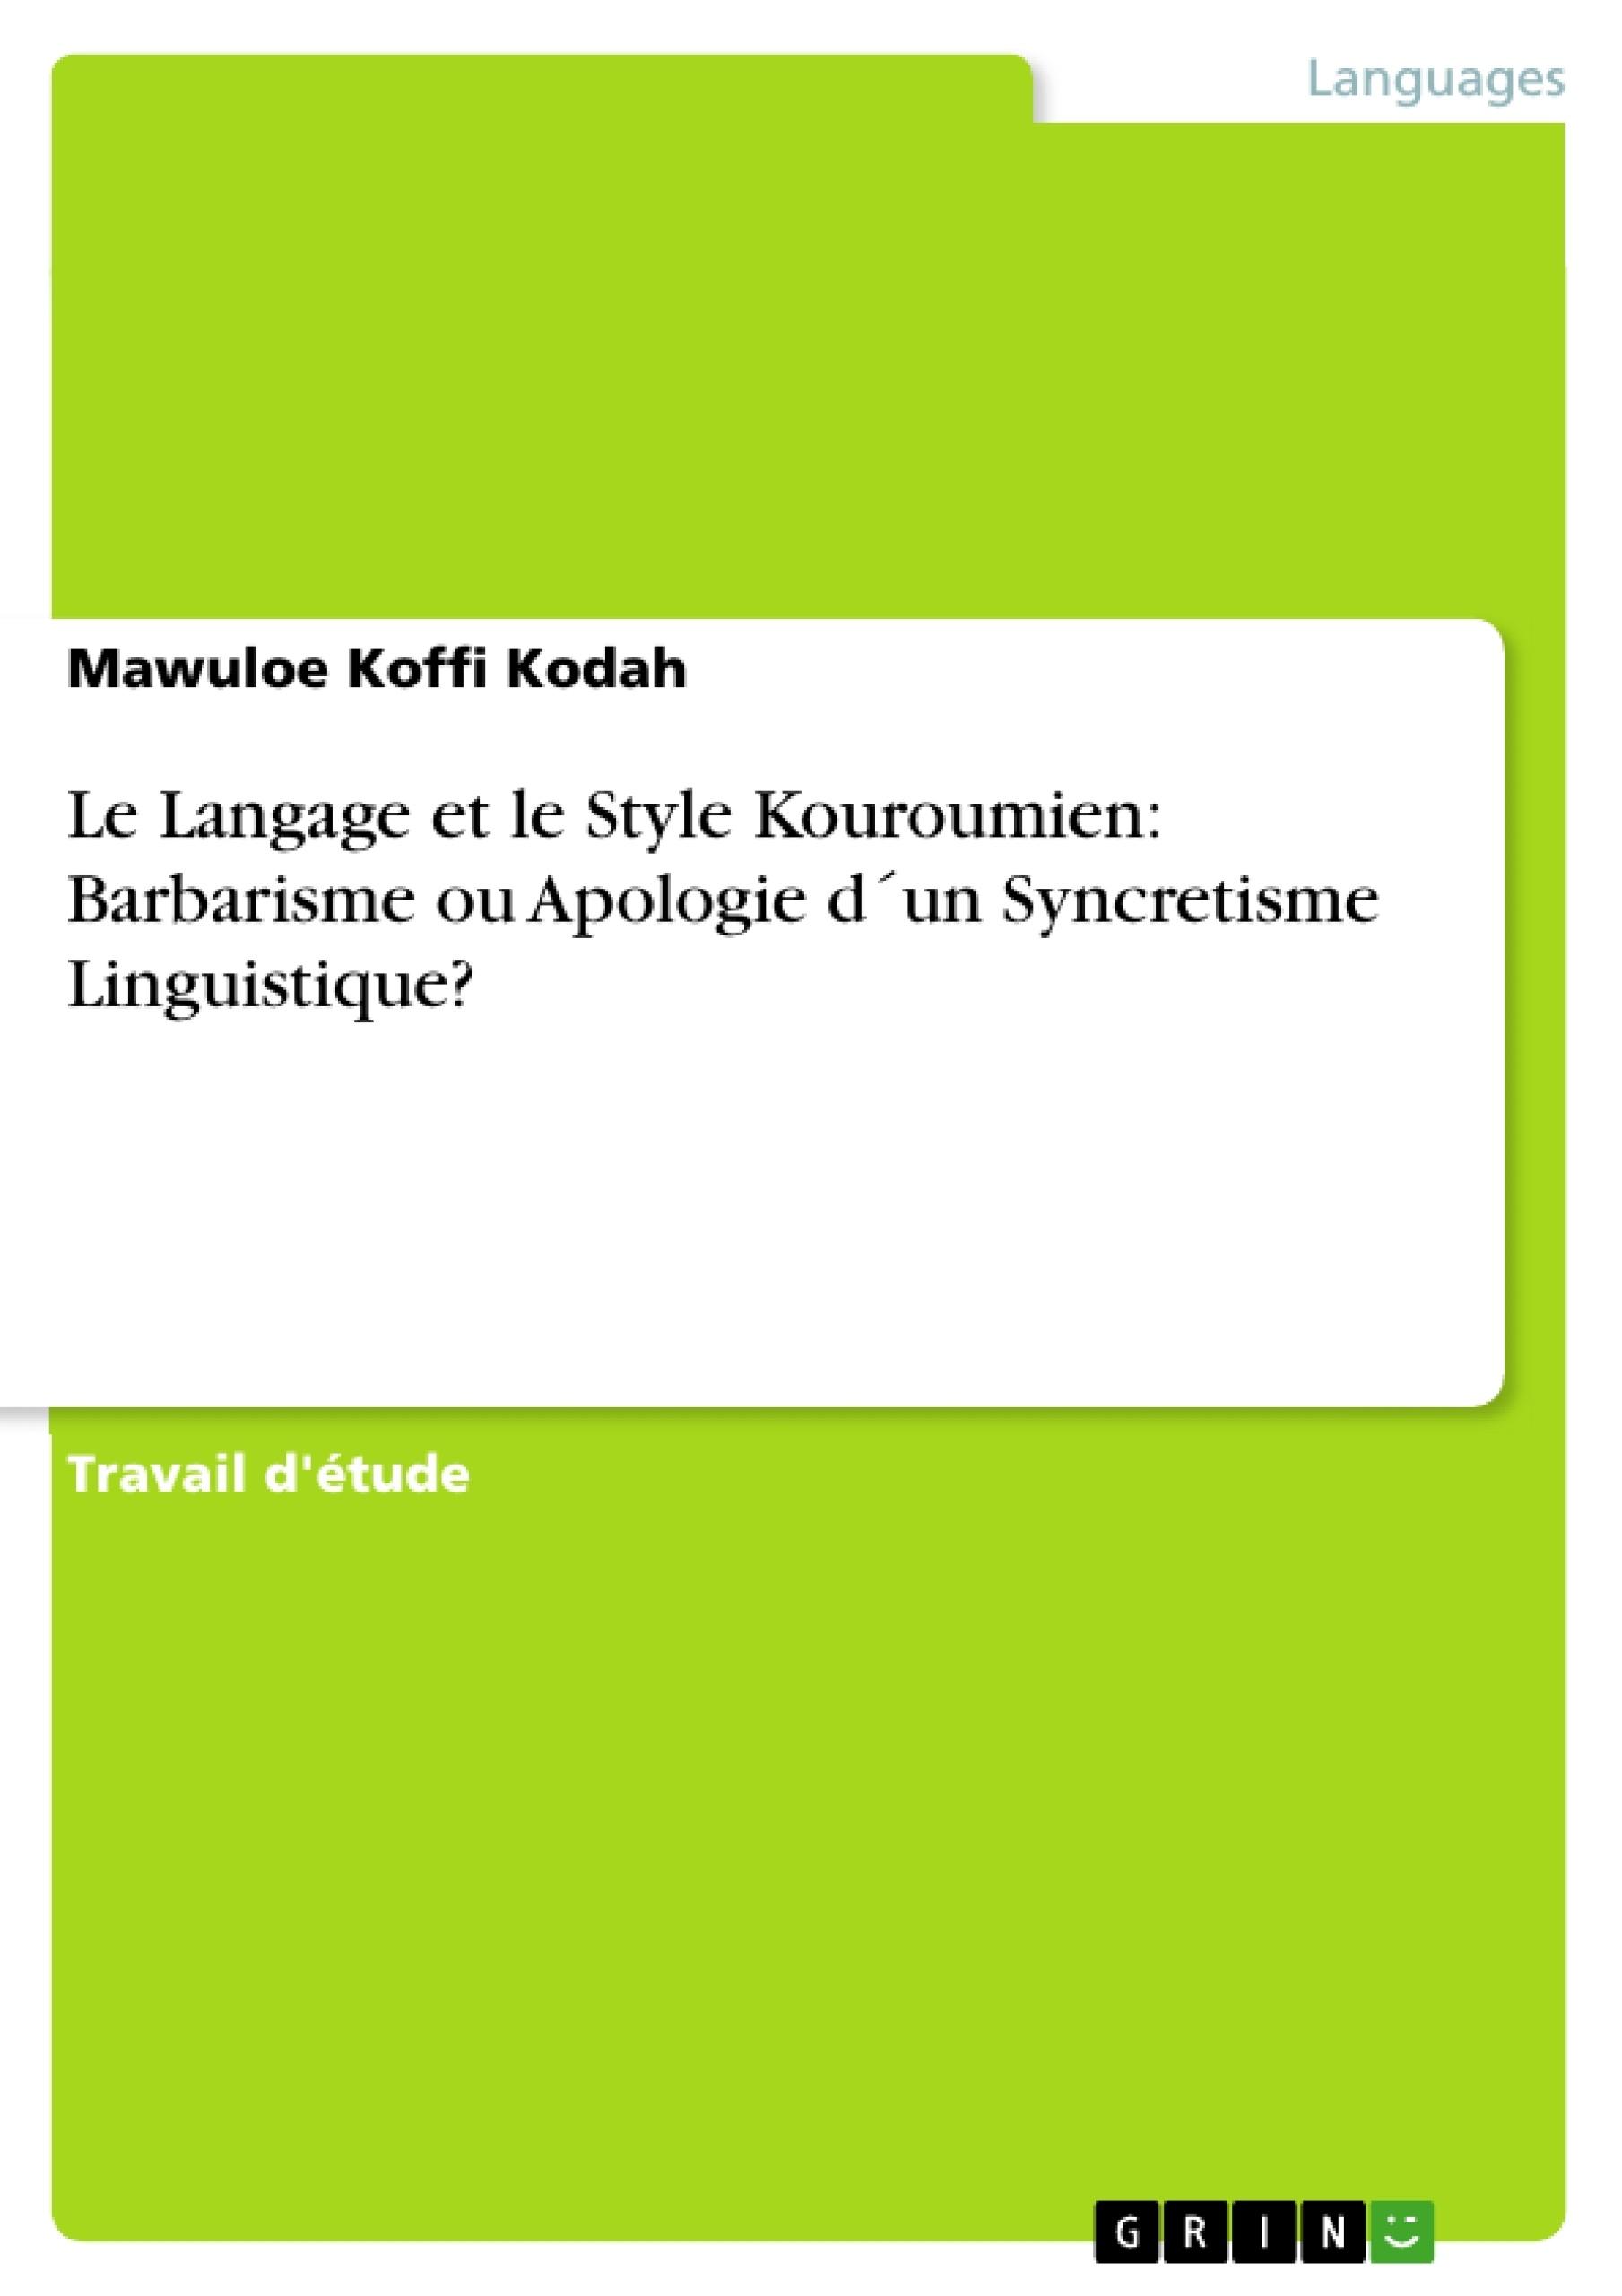 Titre: Le Langage et le Style Kouroumien: Barbarisme ou Apologie d´un Syncretisme Linguistique?